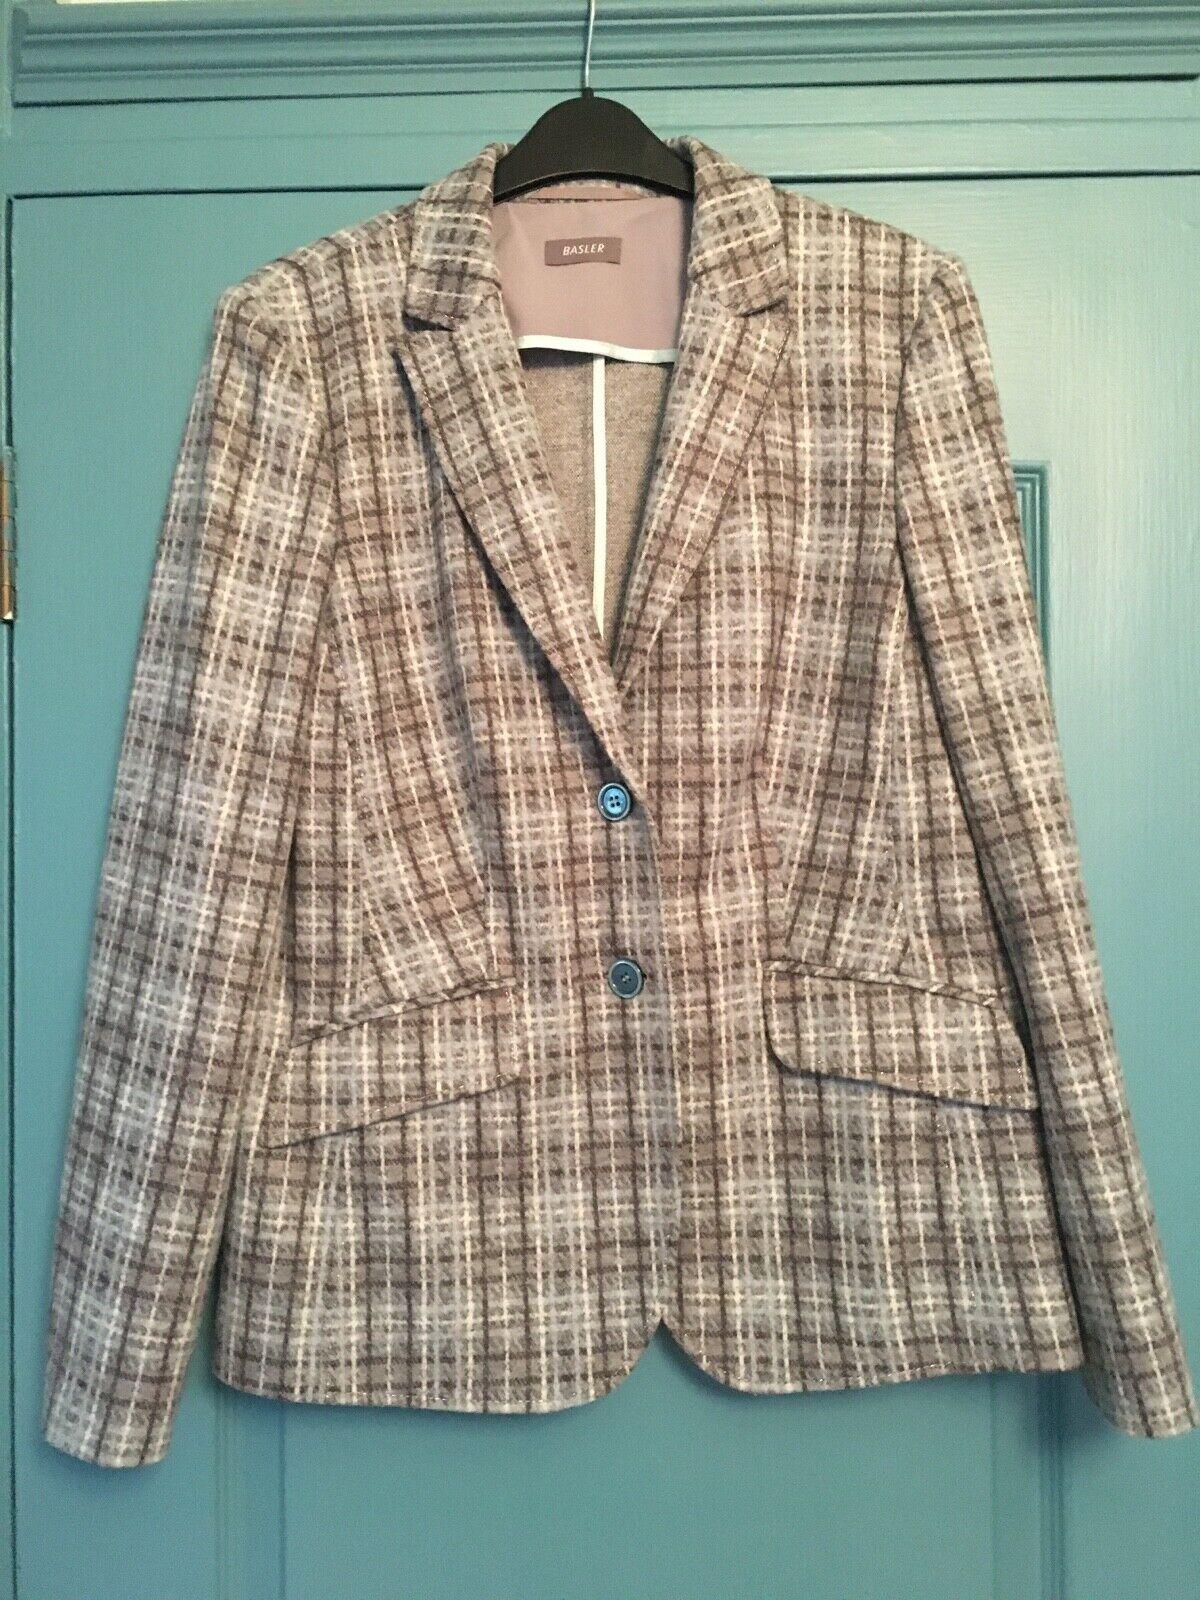 BASLER Grey Pale Blue Tweed Wool Jacket 14 BNWOT